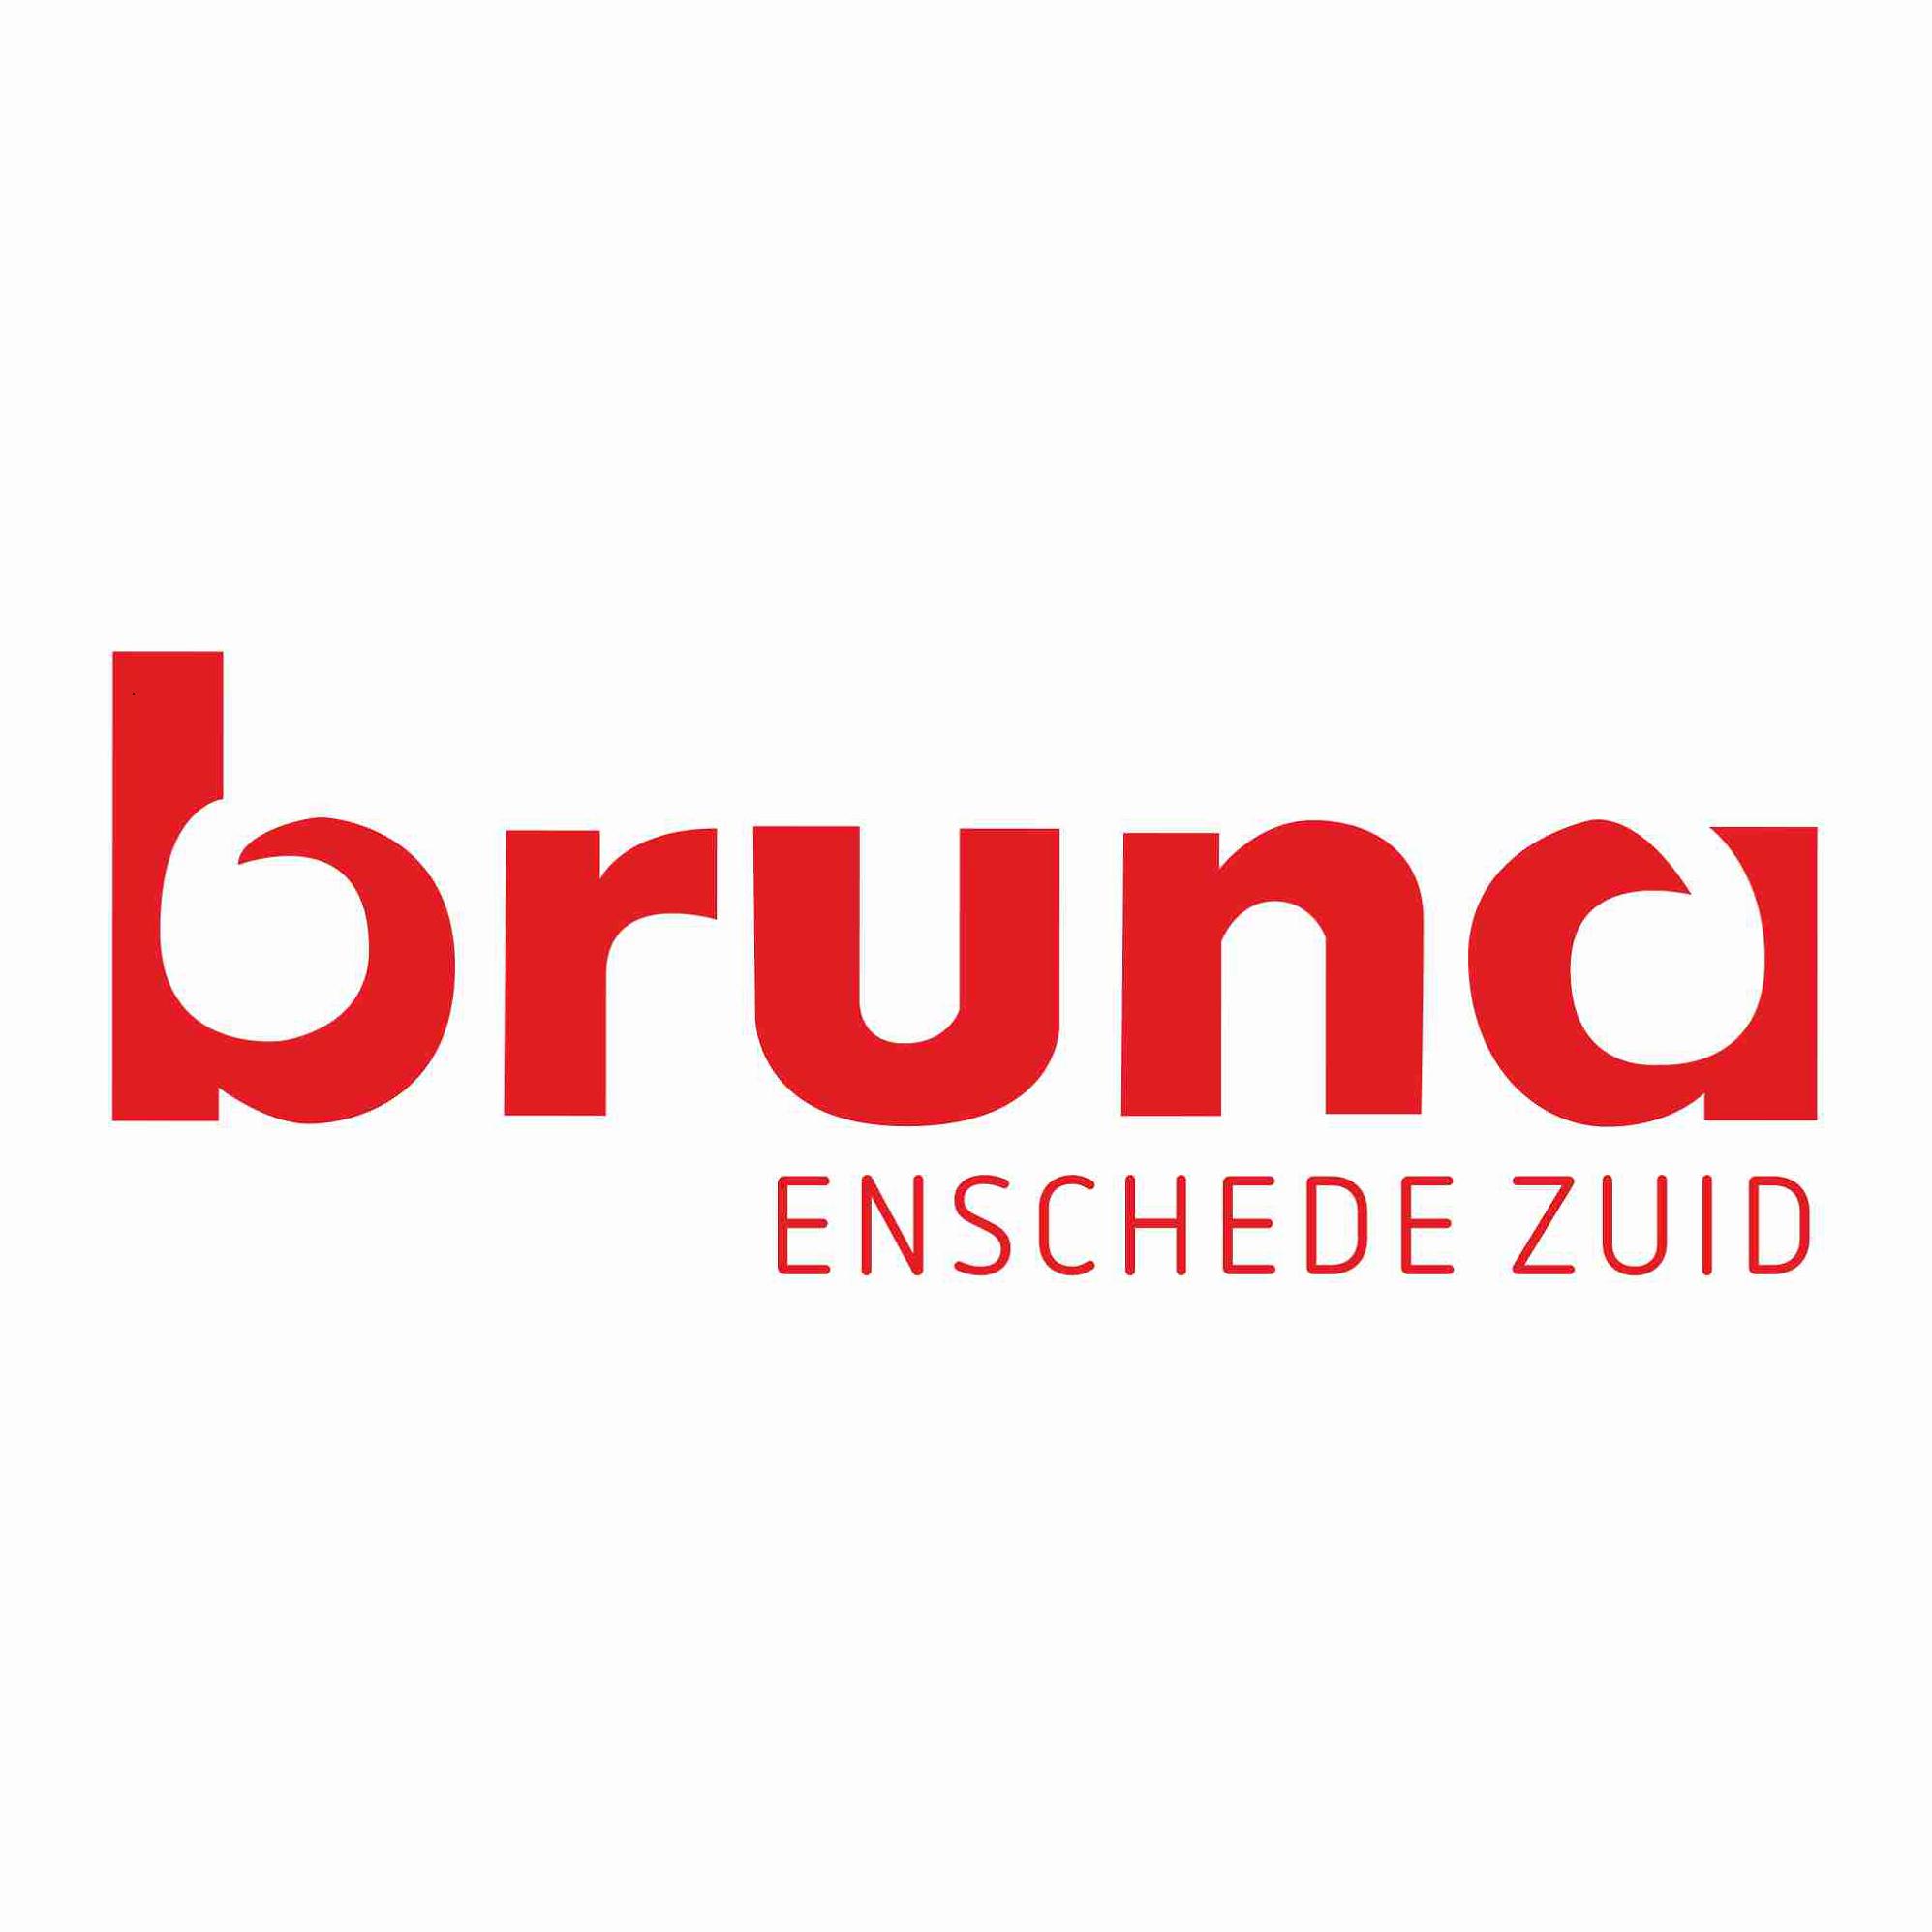 Bruna Enschede